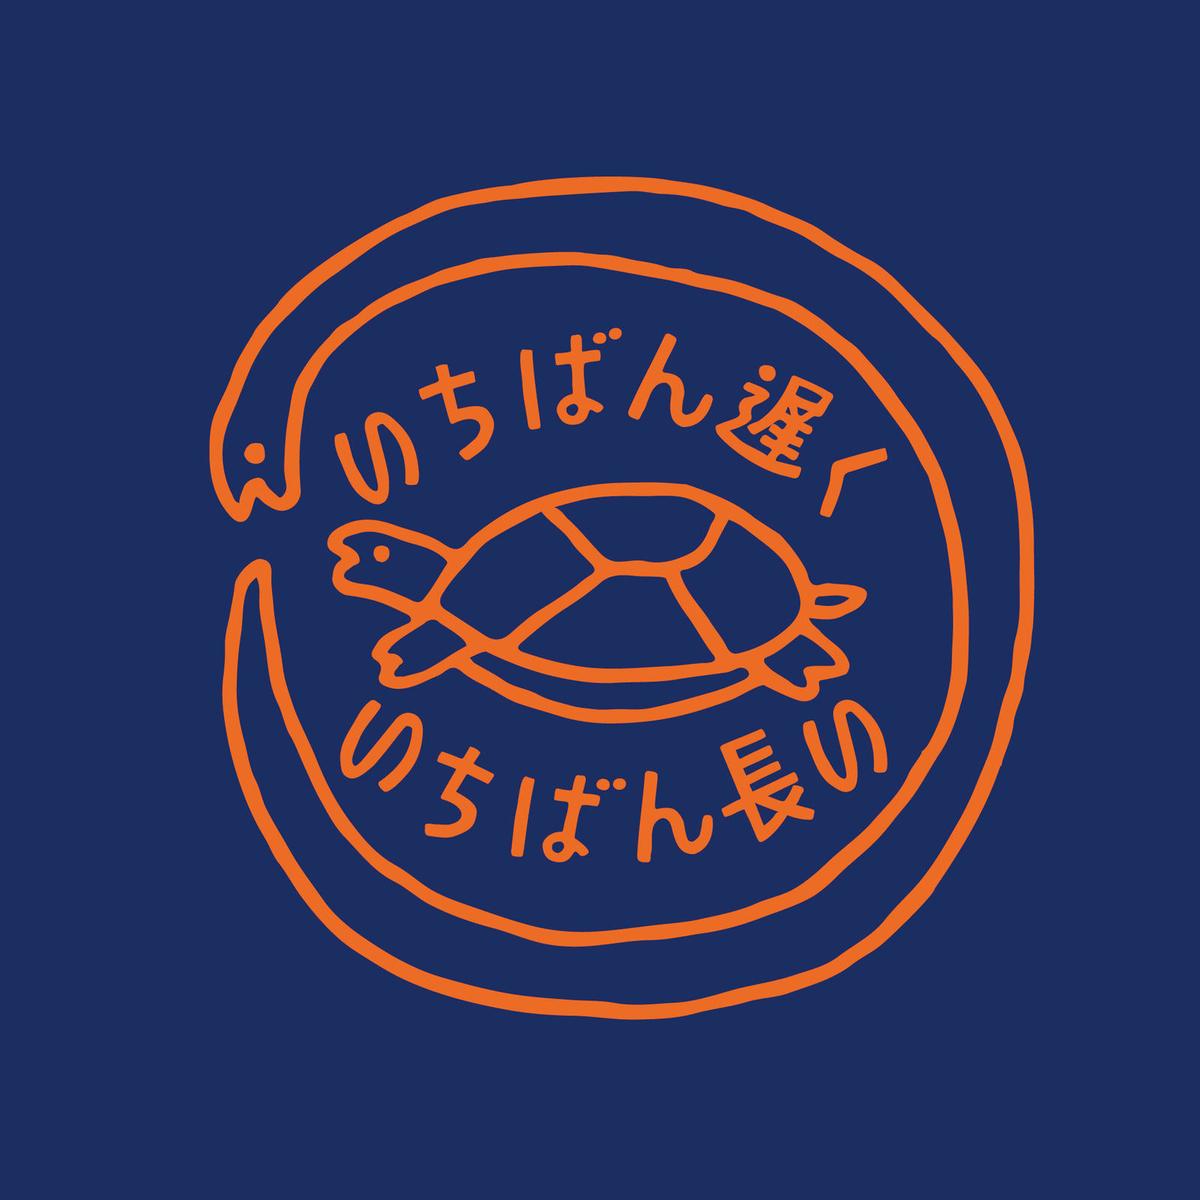 f:id:yumemiruminato:20200719160933j:plain